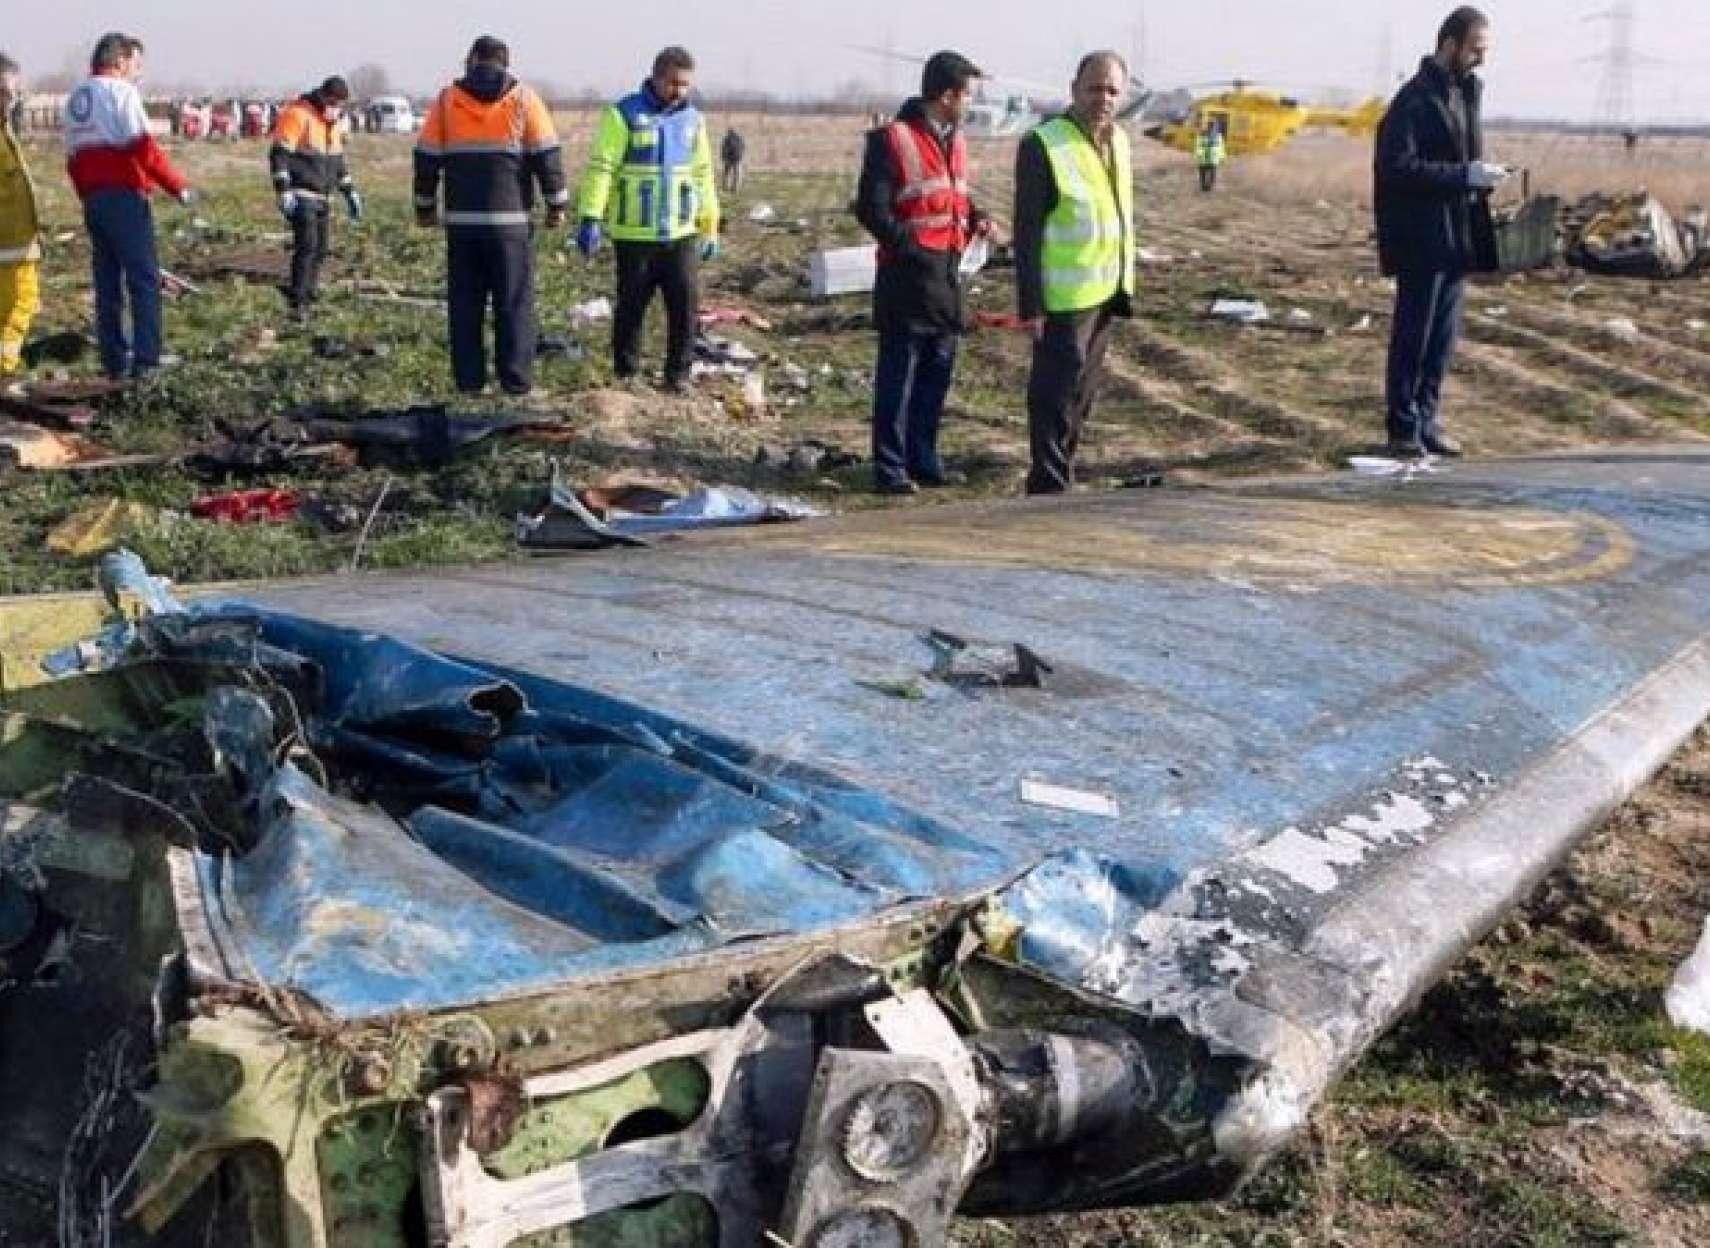 انتشار-اطلاعات-جعبه-سیاه-هواپیما-اوکراینی-مسافران-و-خدمه-پس-از-اصابت-موشک-اول-زنده-بوده-اند